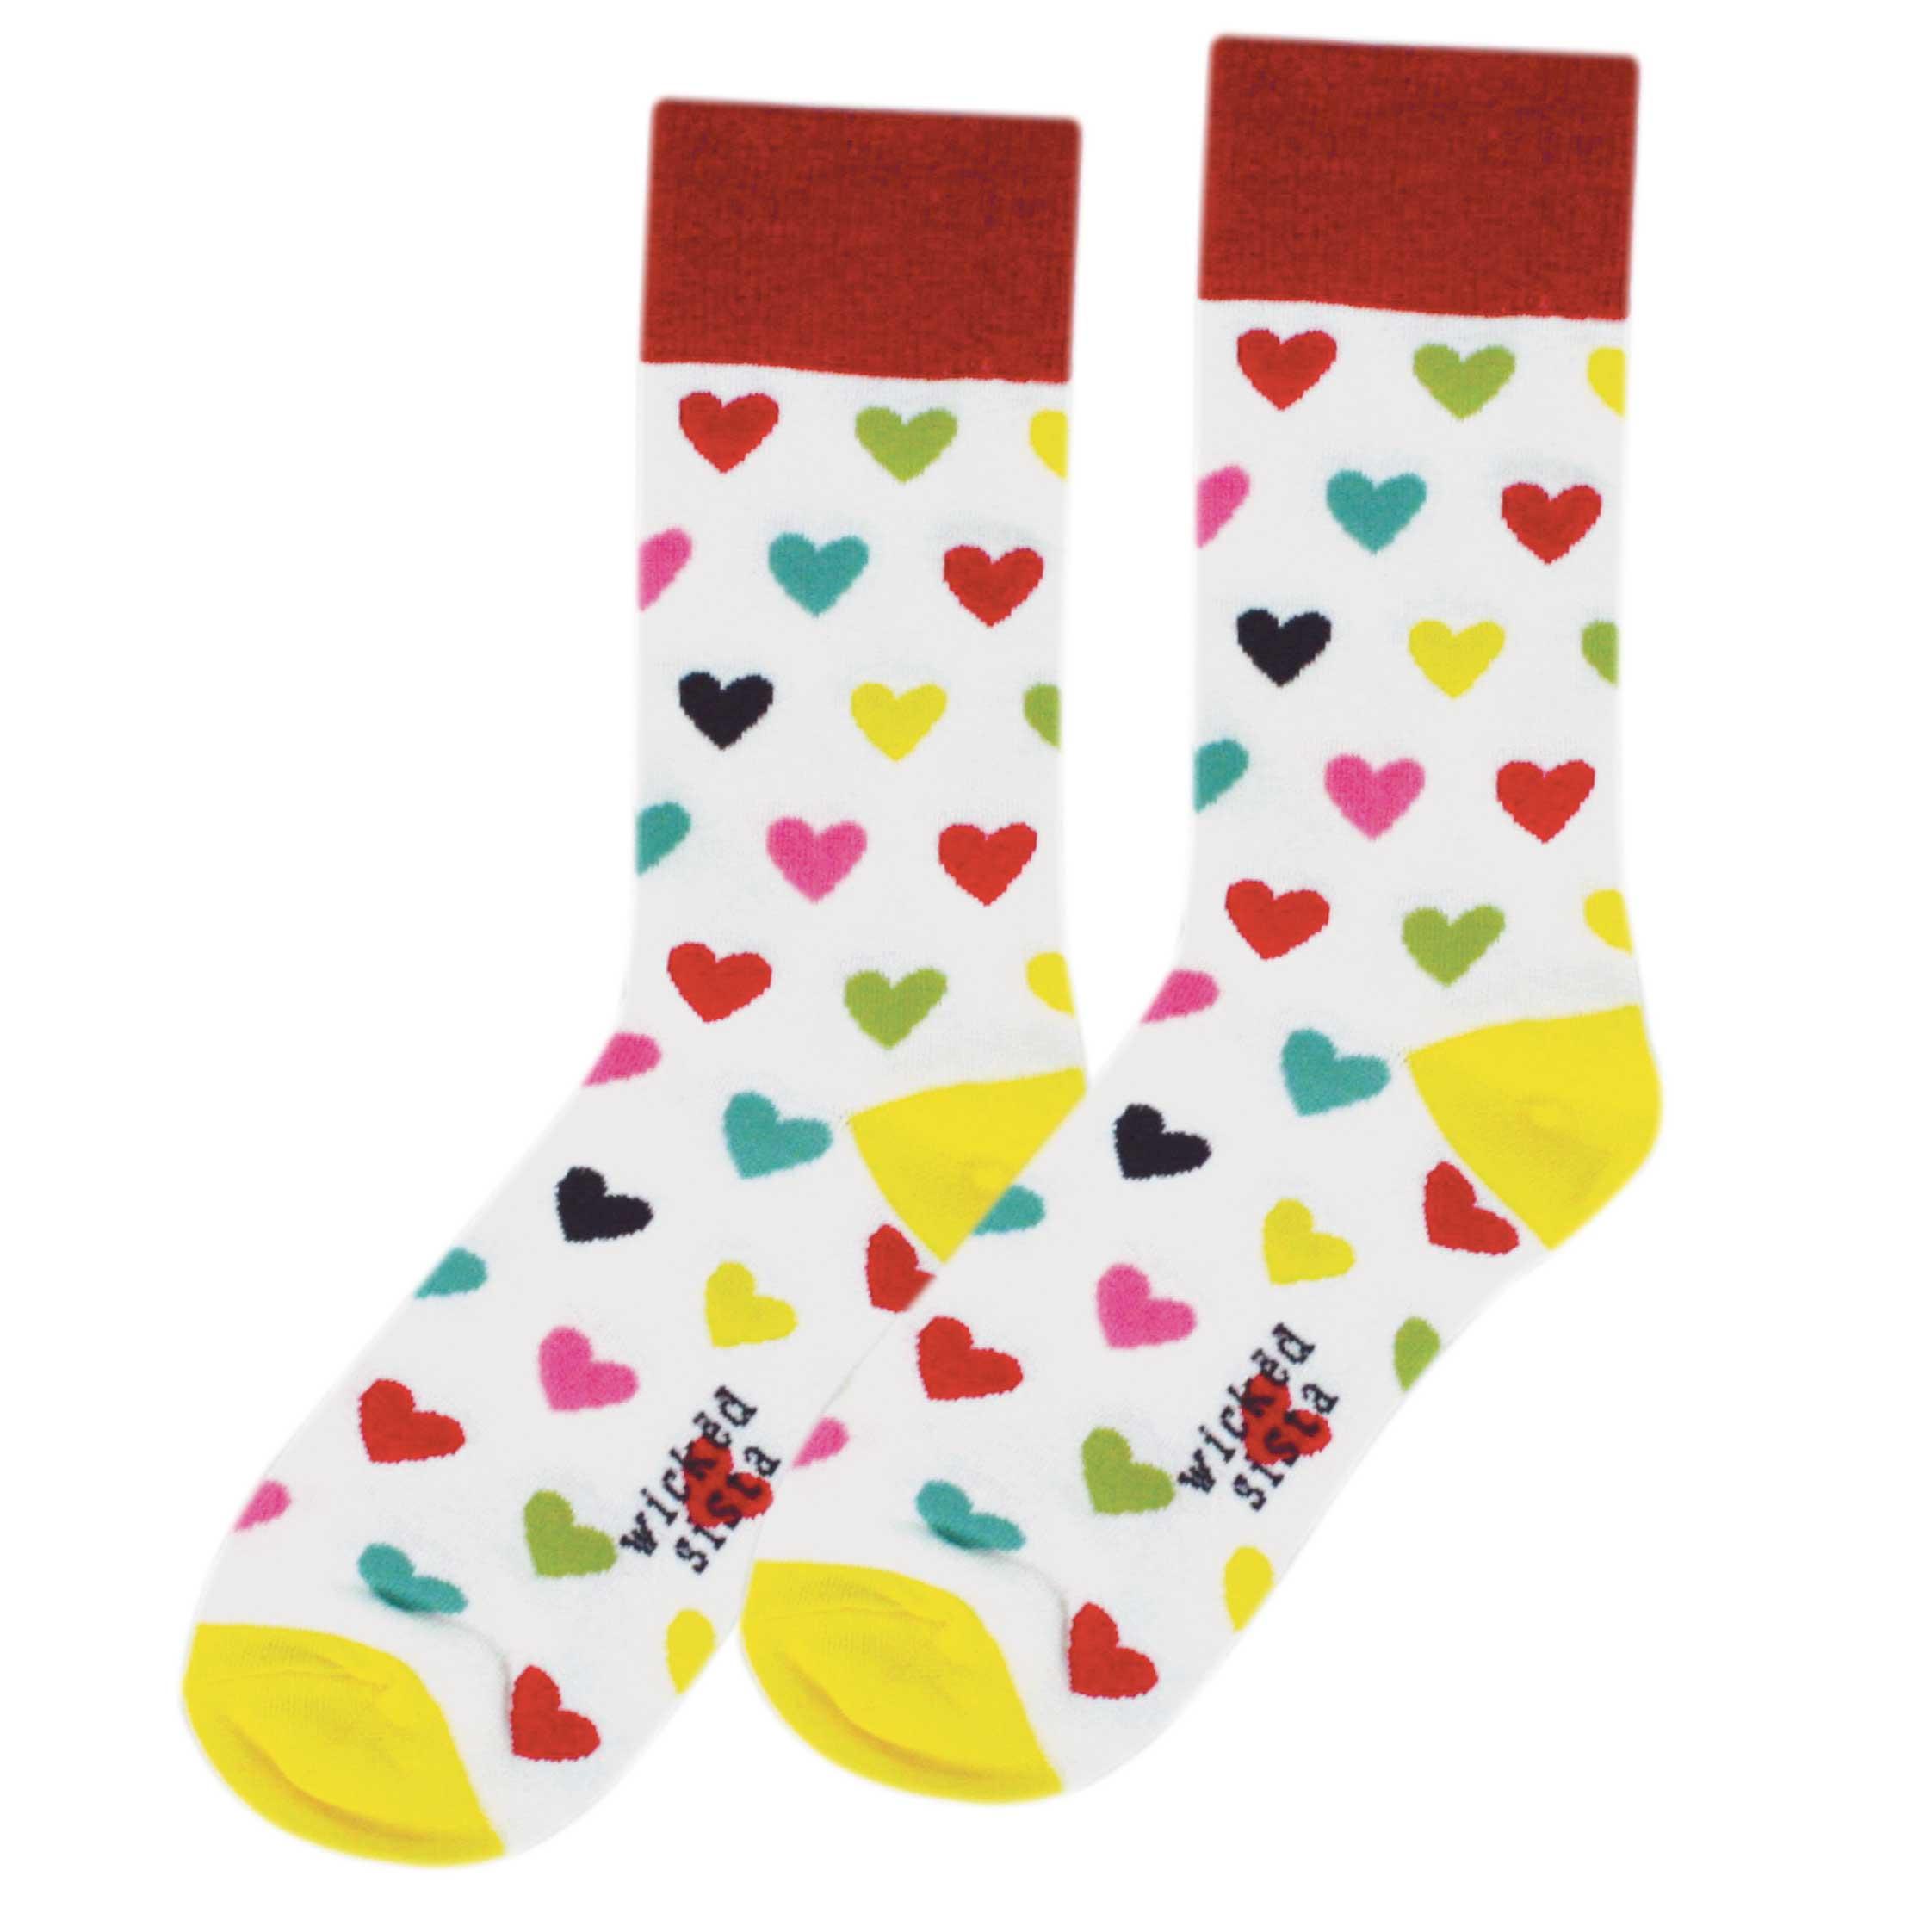 Hearts fun socks